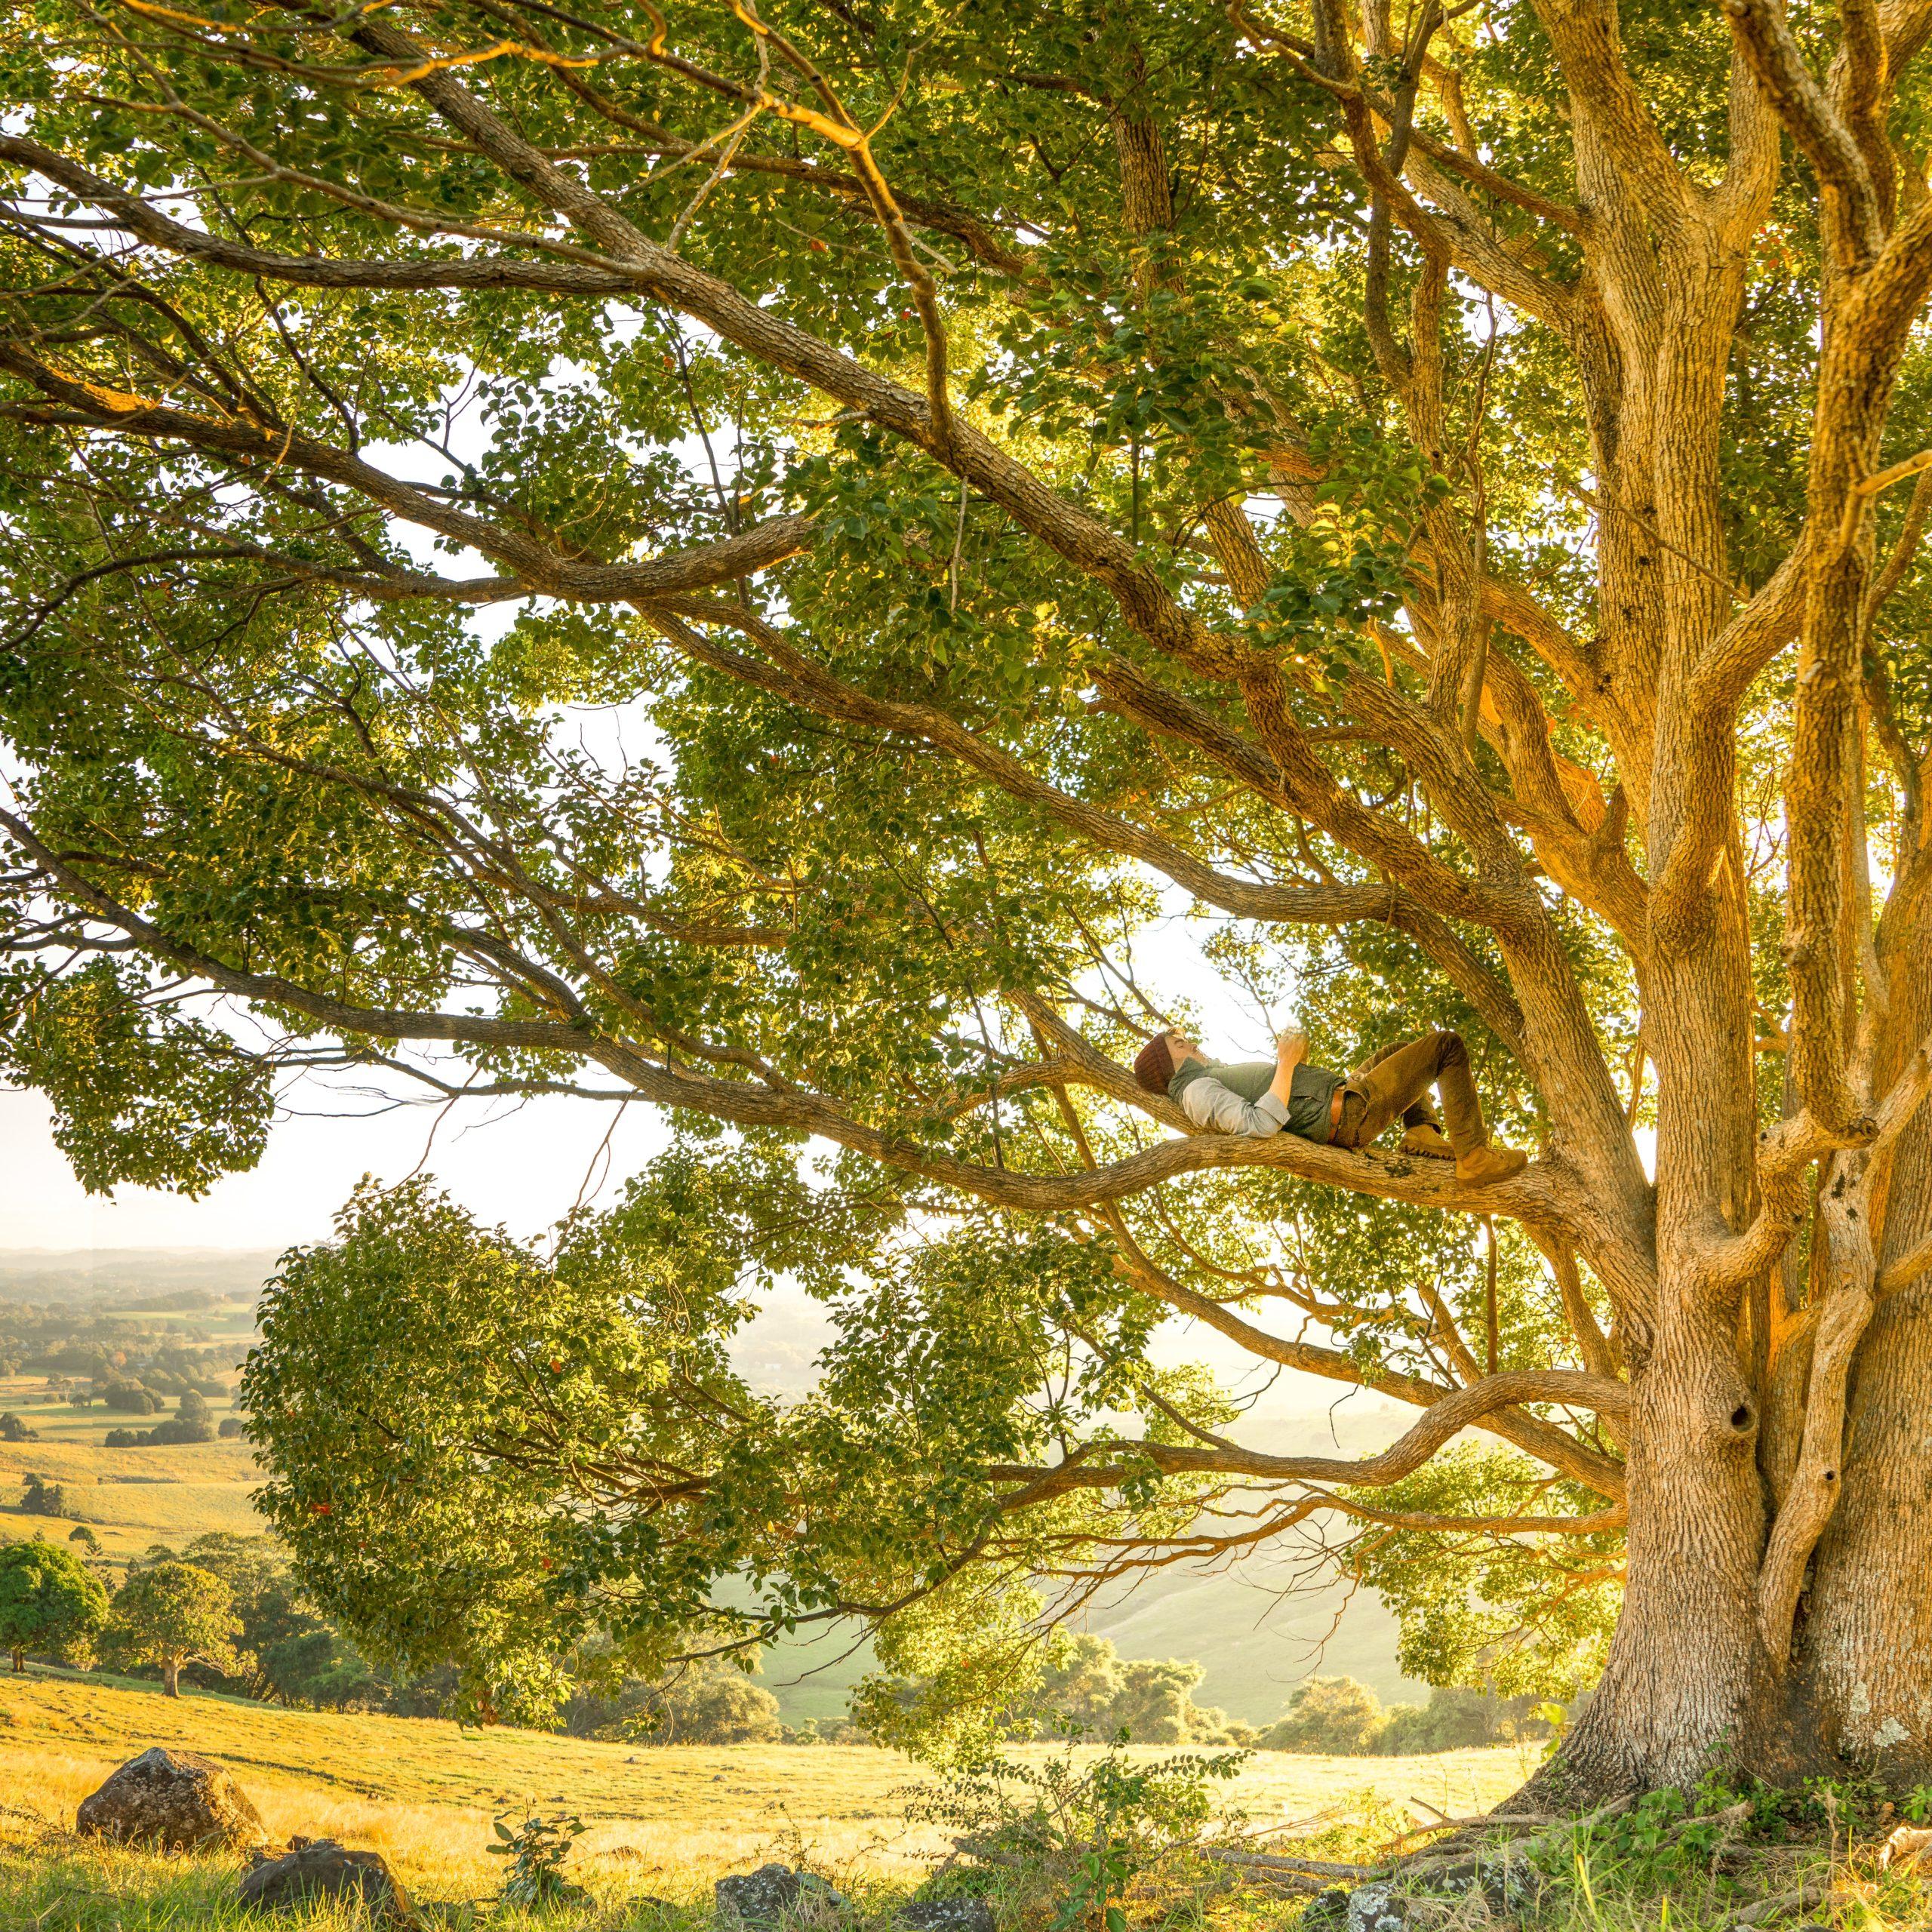 Liegender Mann im Baum